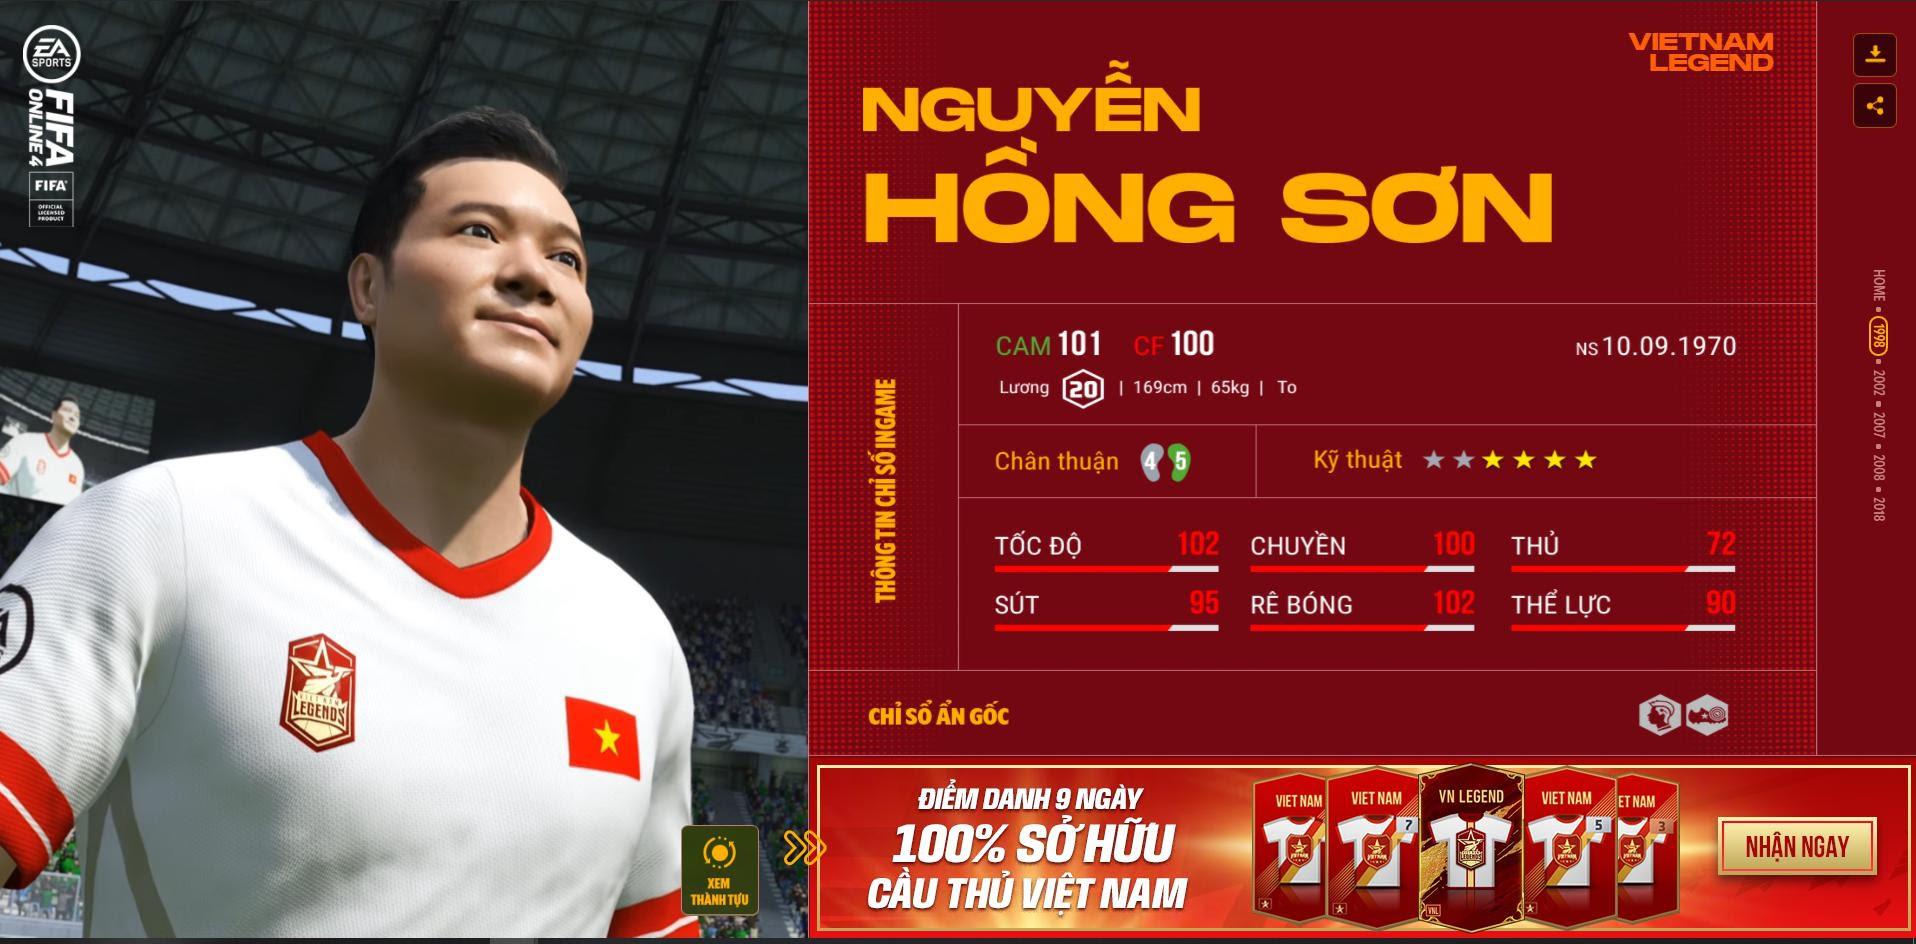 Các huyền thoại bóng đá Việt Nam bất ngờ xuất hiện trong Fifa Online 4 - Ảnh 2.